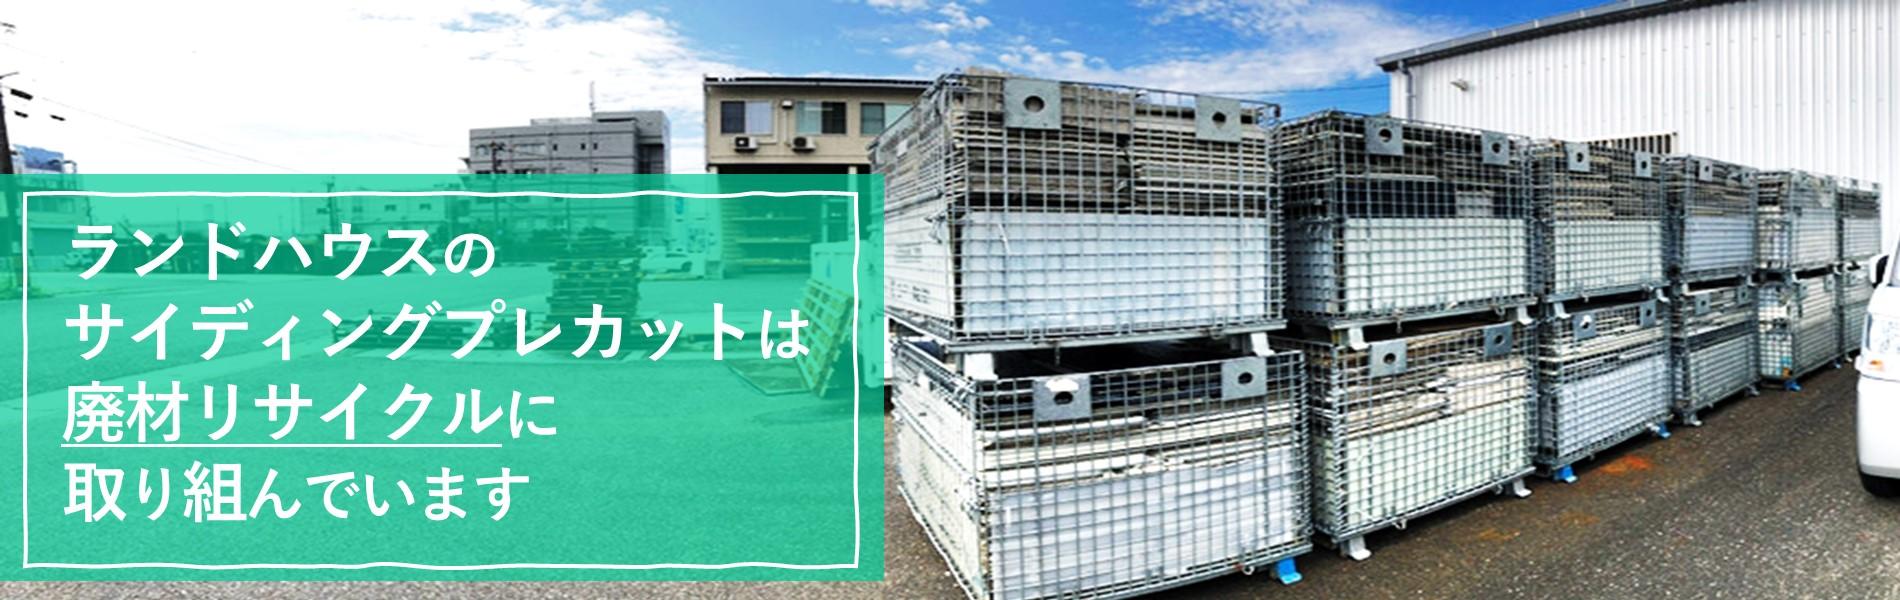 ランドハウスのサイディングプレカットは廃材リサイクルに取り組んでいます